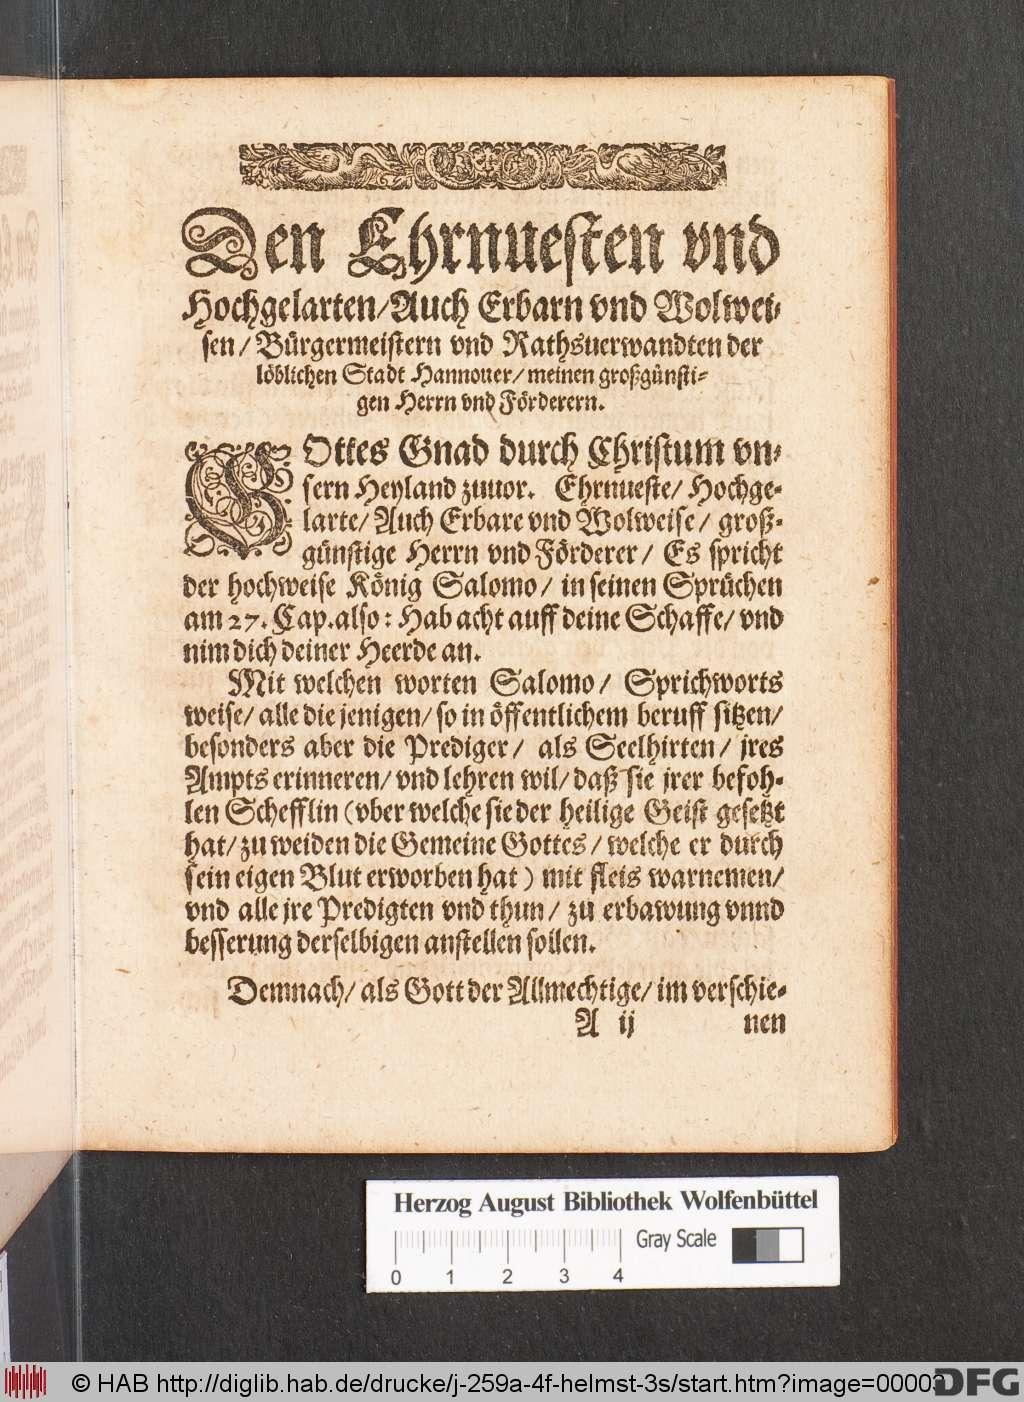 http://diglib.hab.de/drucke/j-259a-4f-helmst-3s/00003.jpg